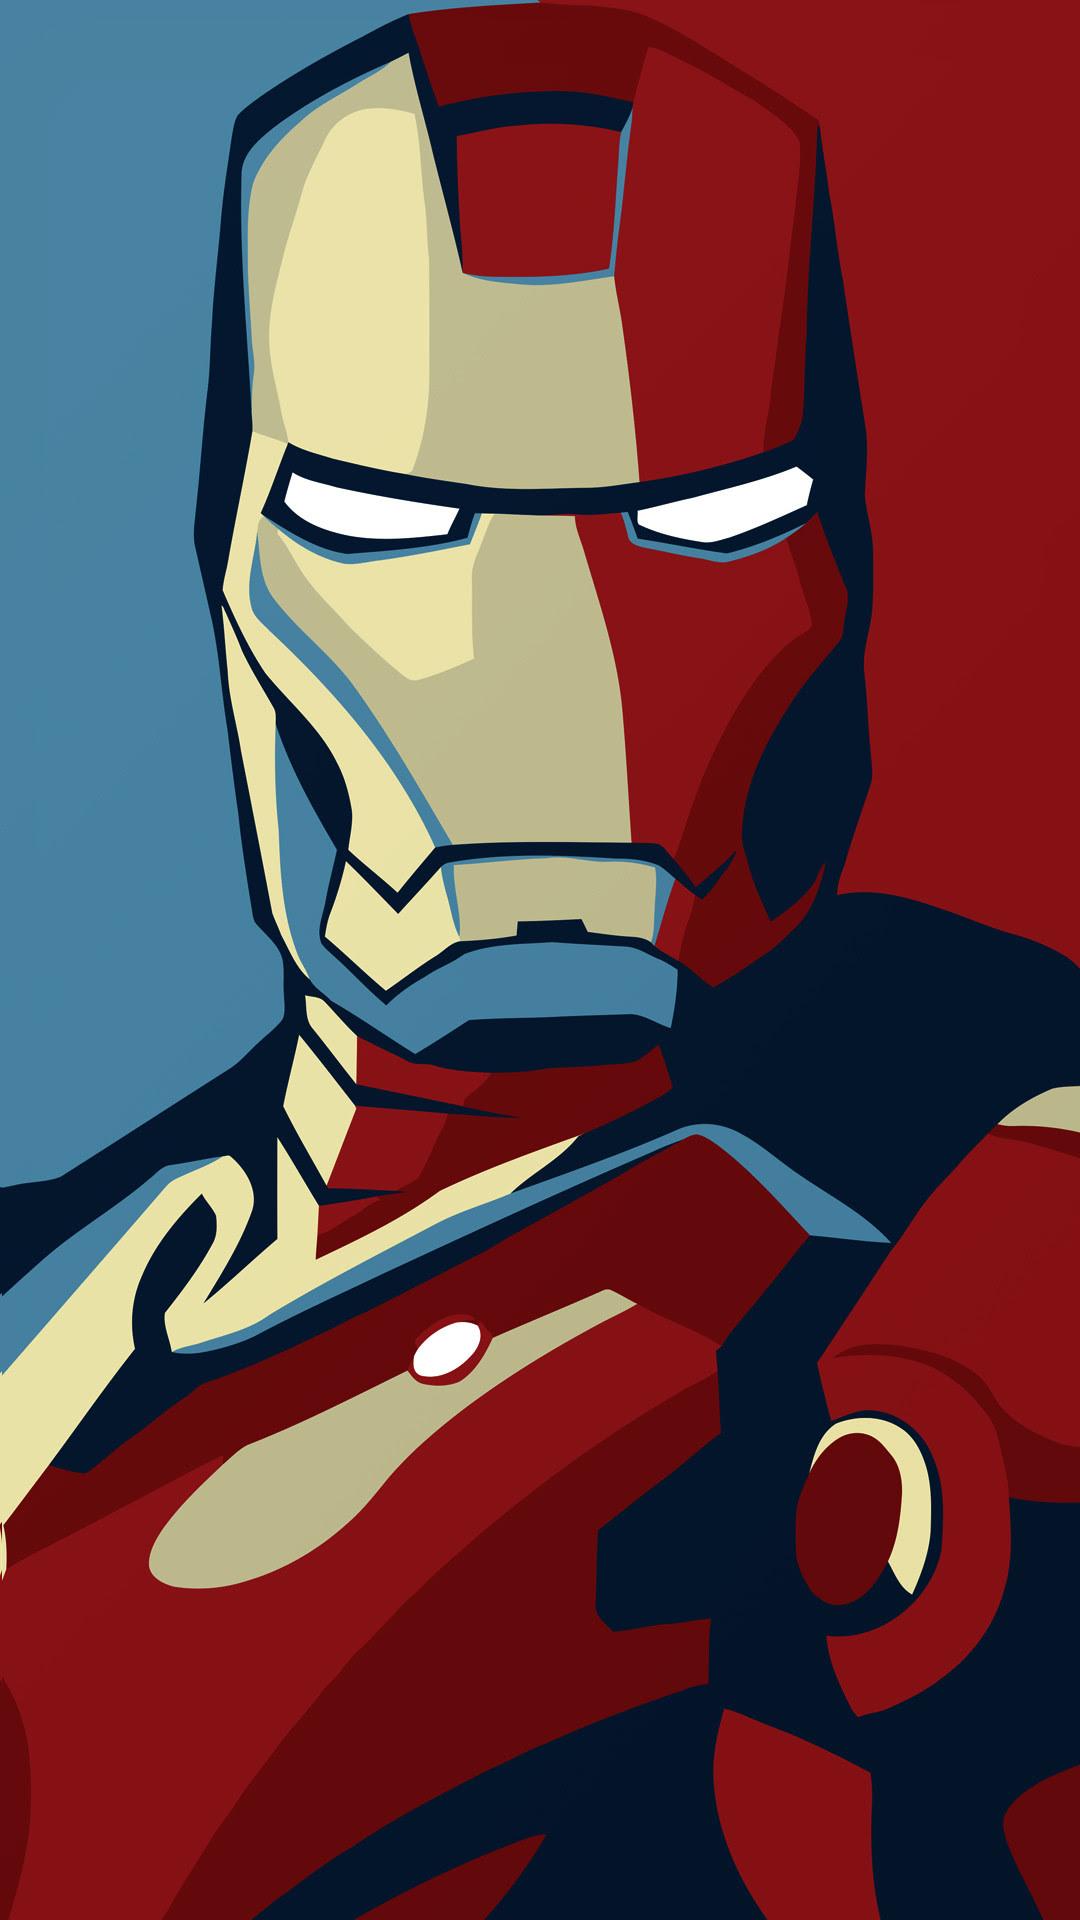 Iron Man 4K Wallpaper 63+ images